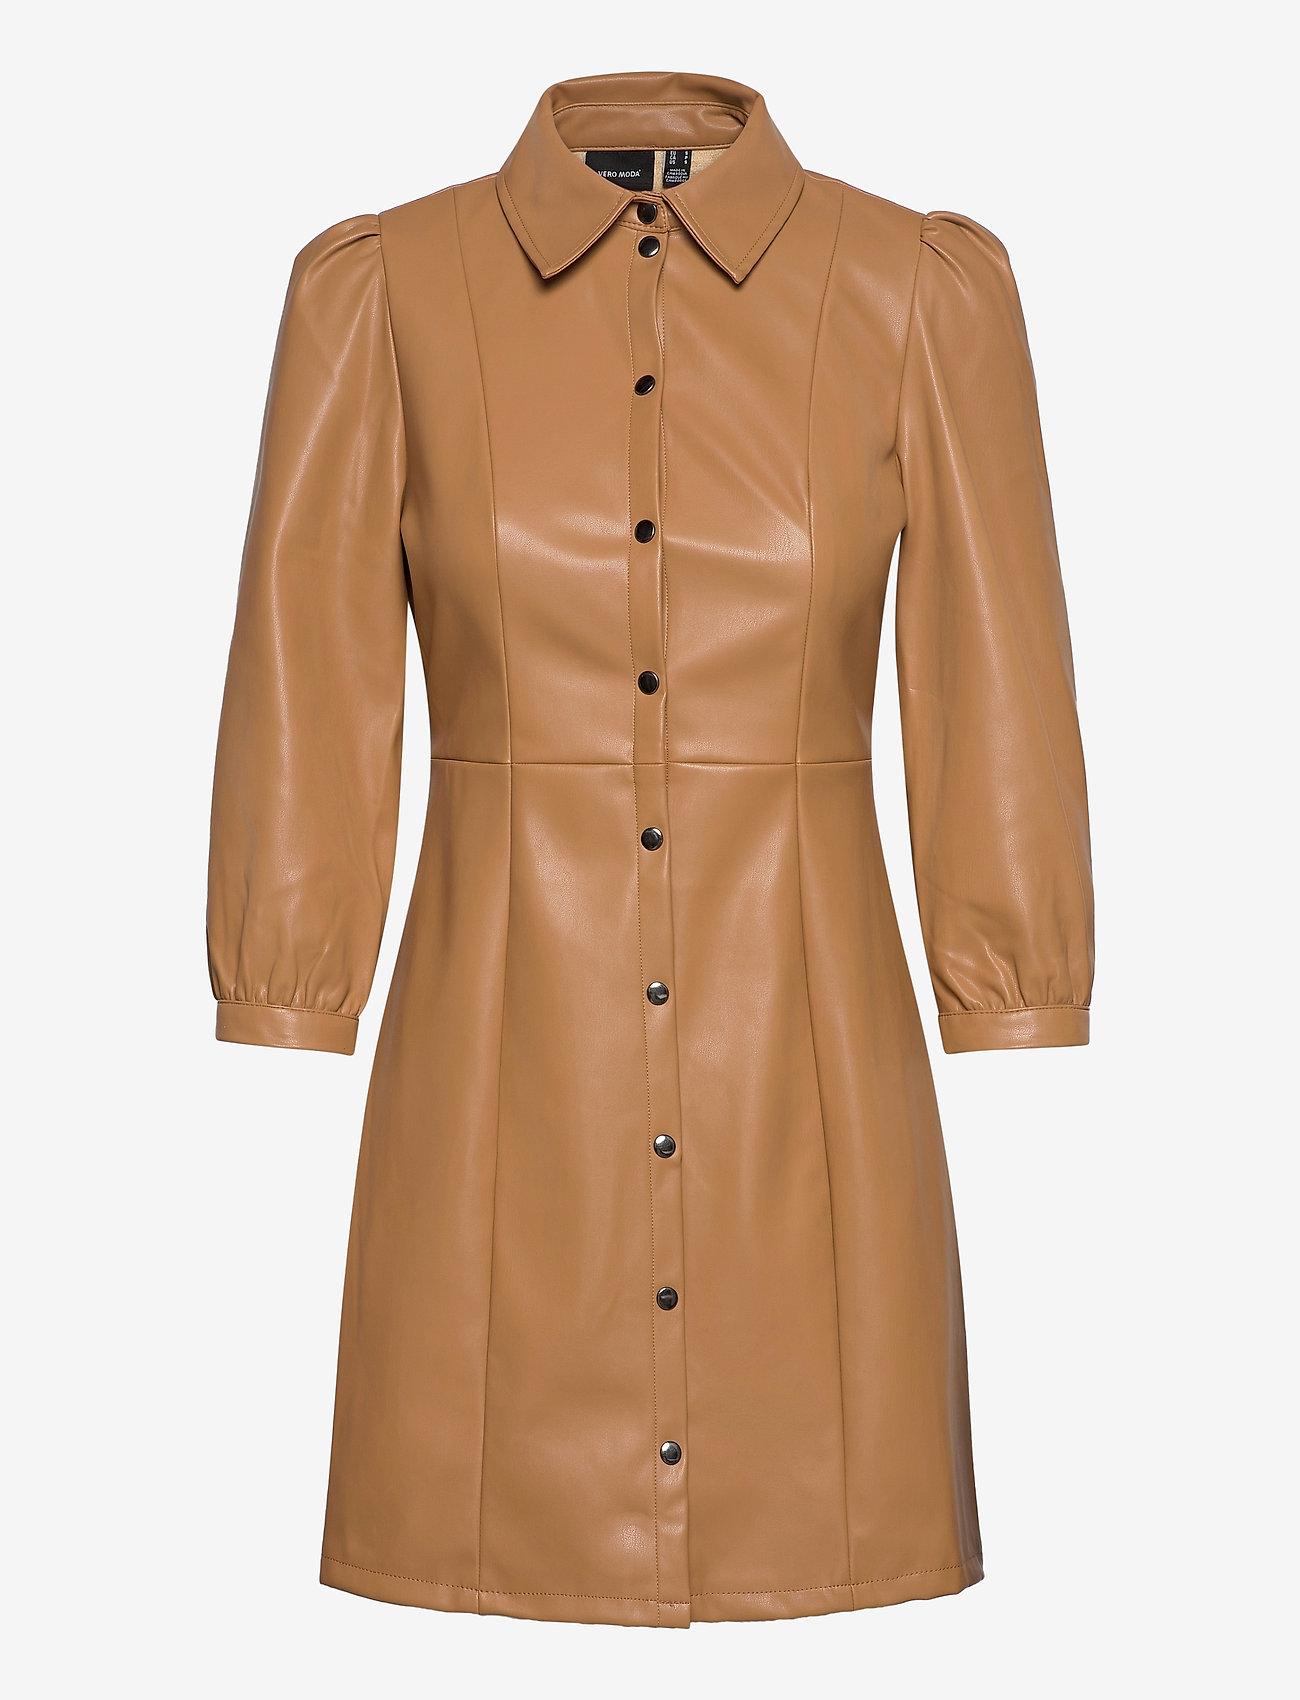 Vero Moda - VMBUTTERMOLLY ABOVE KNEE COATED DRESS - midiklänningar - tobacco brown - 0